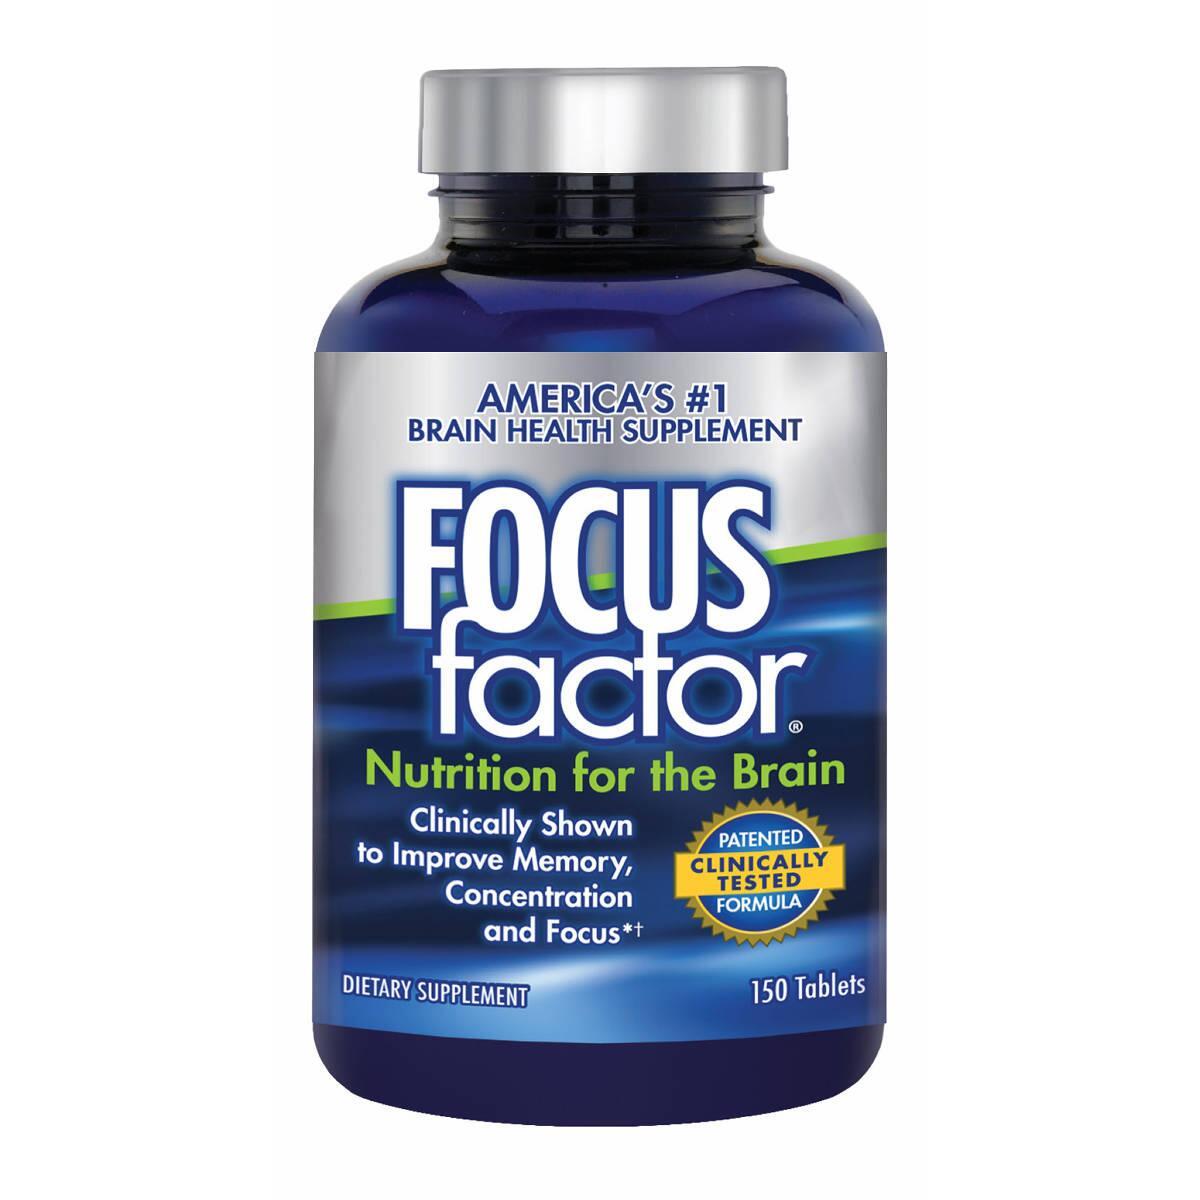 Viên uống bổ não, tăng cường trí nhớ cho học sinh và người già, 150 viên- Focus factor Dietary Supplement